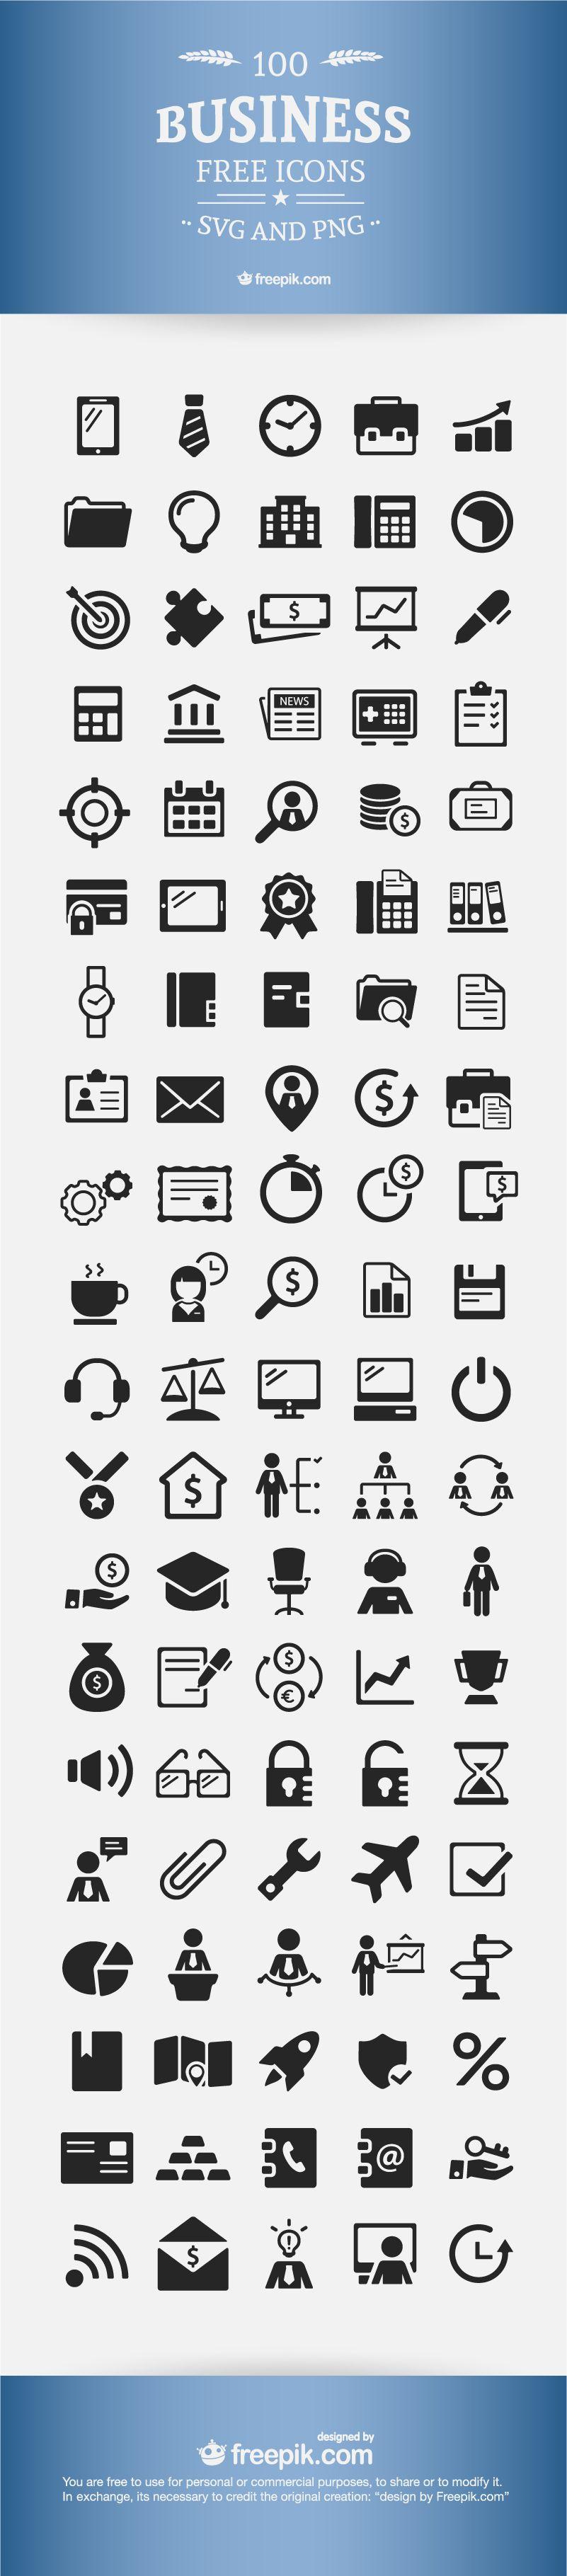 Download Free Business Icons 100 Vectors Ewebdesign Desain Web Cv Kreatif Desain Cv